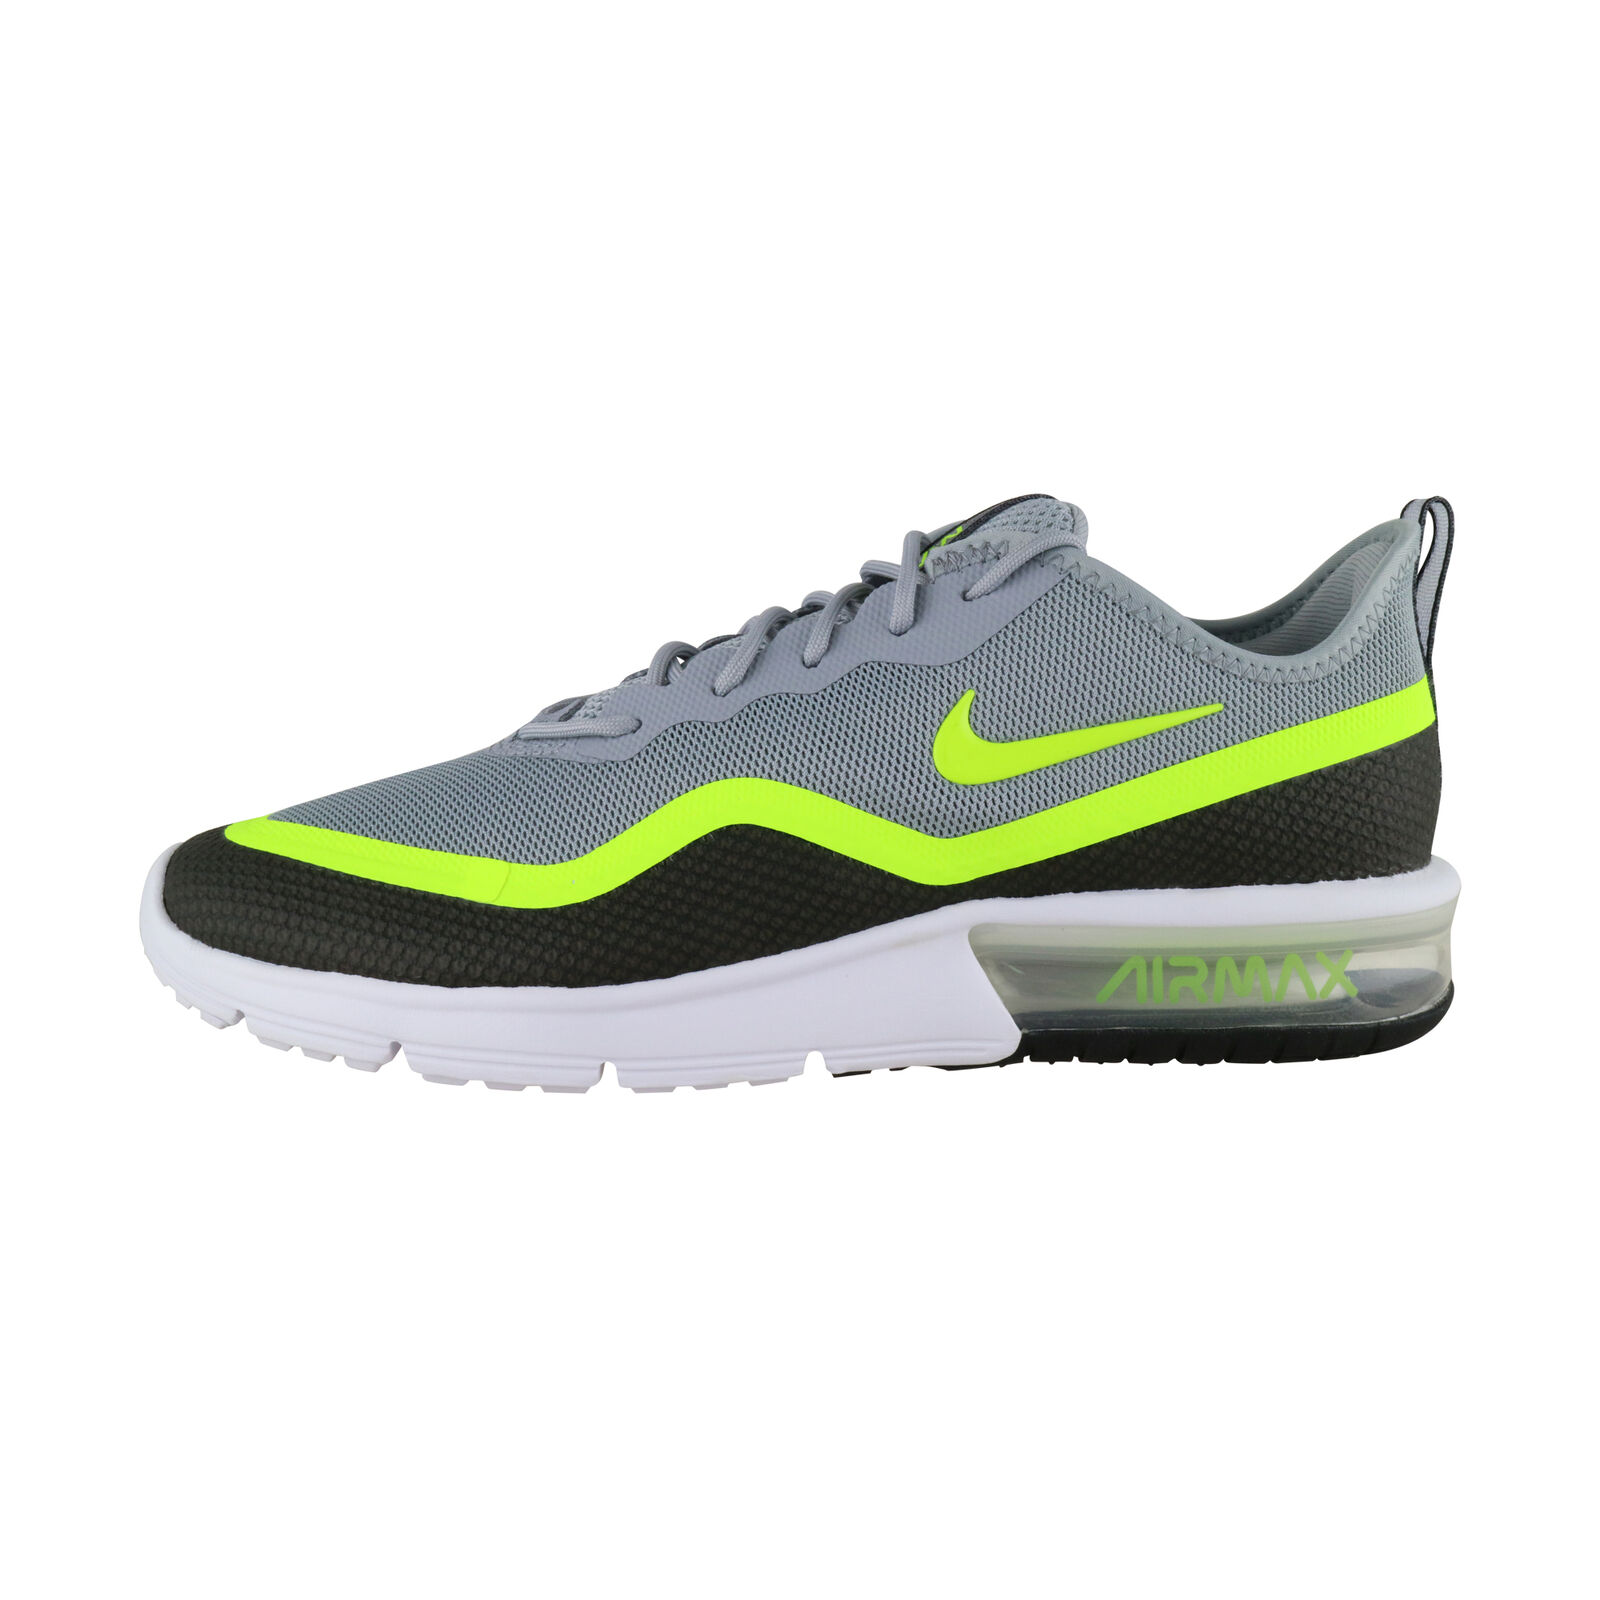 Détails sur Nike Air Max Sequent 4.5 Se GrisJaune BQ8823 001